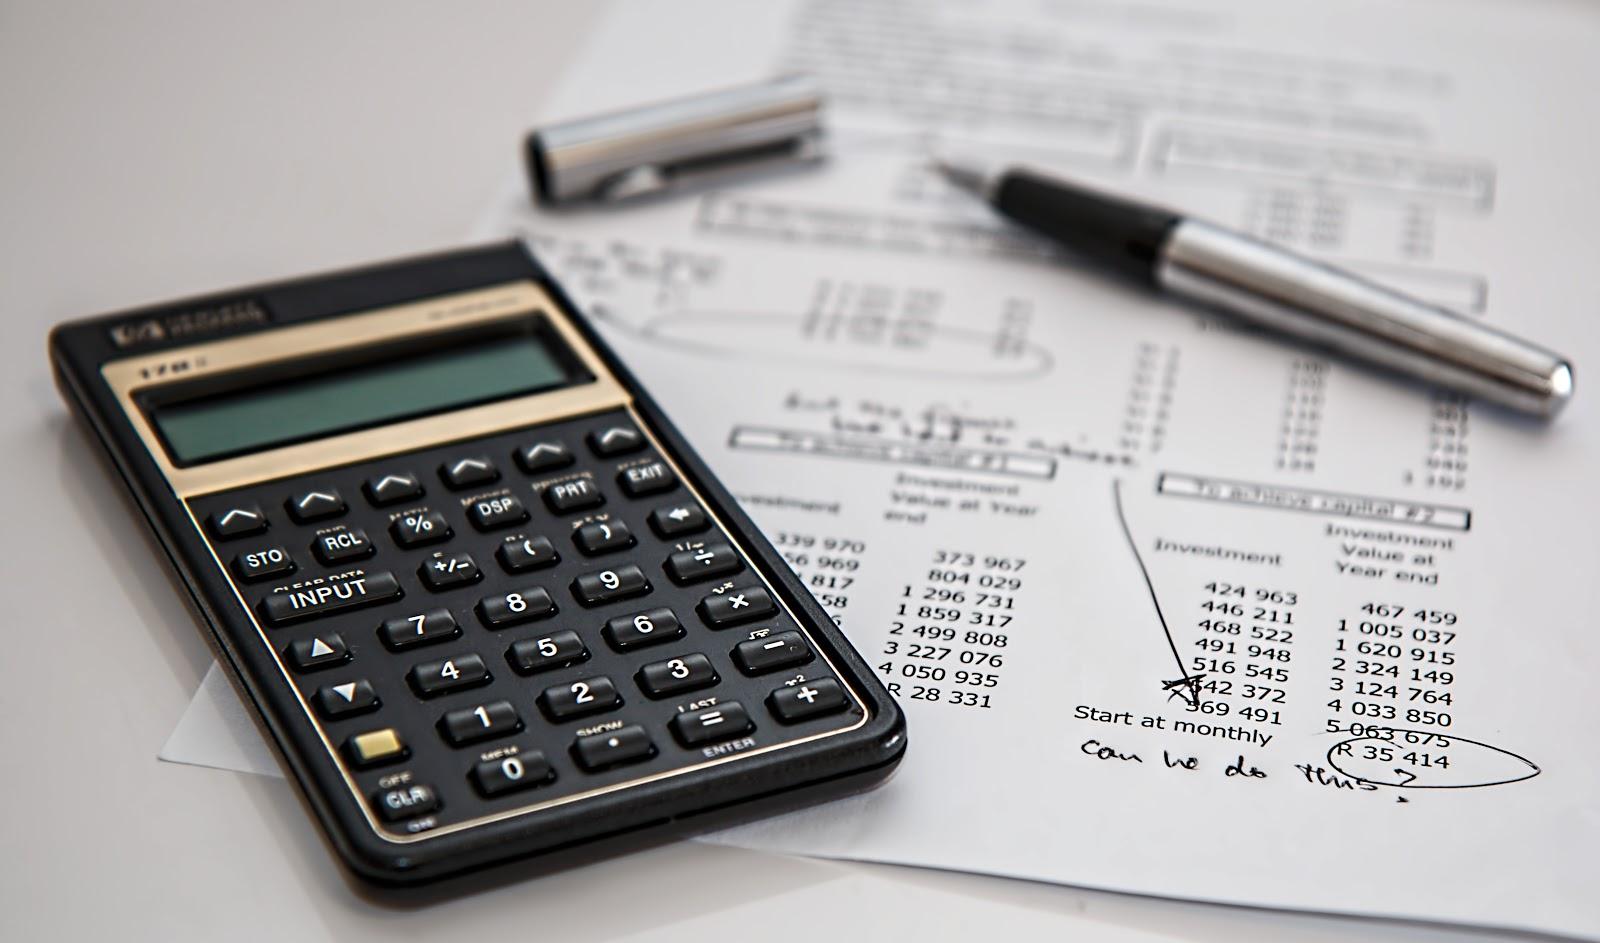 A calculator next to a balance sheet